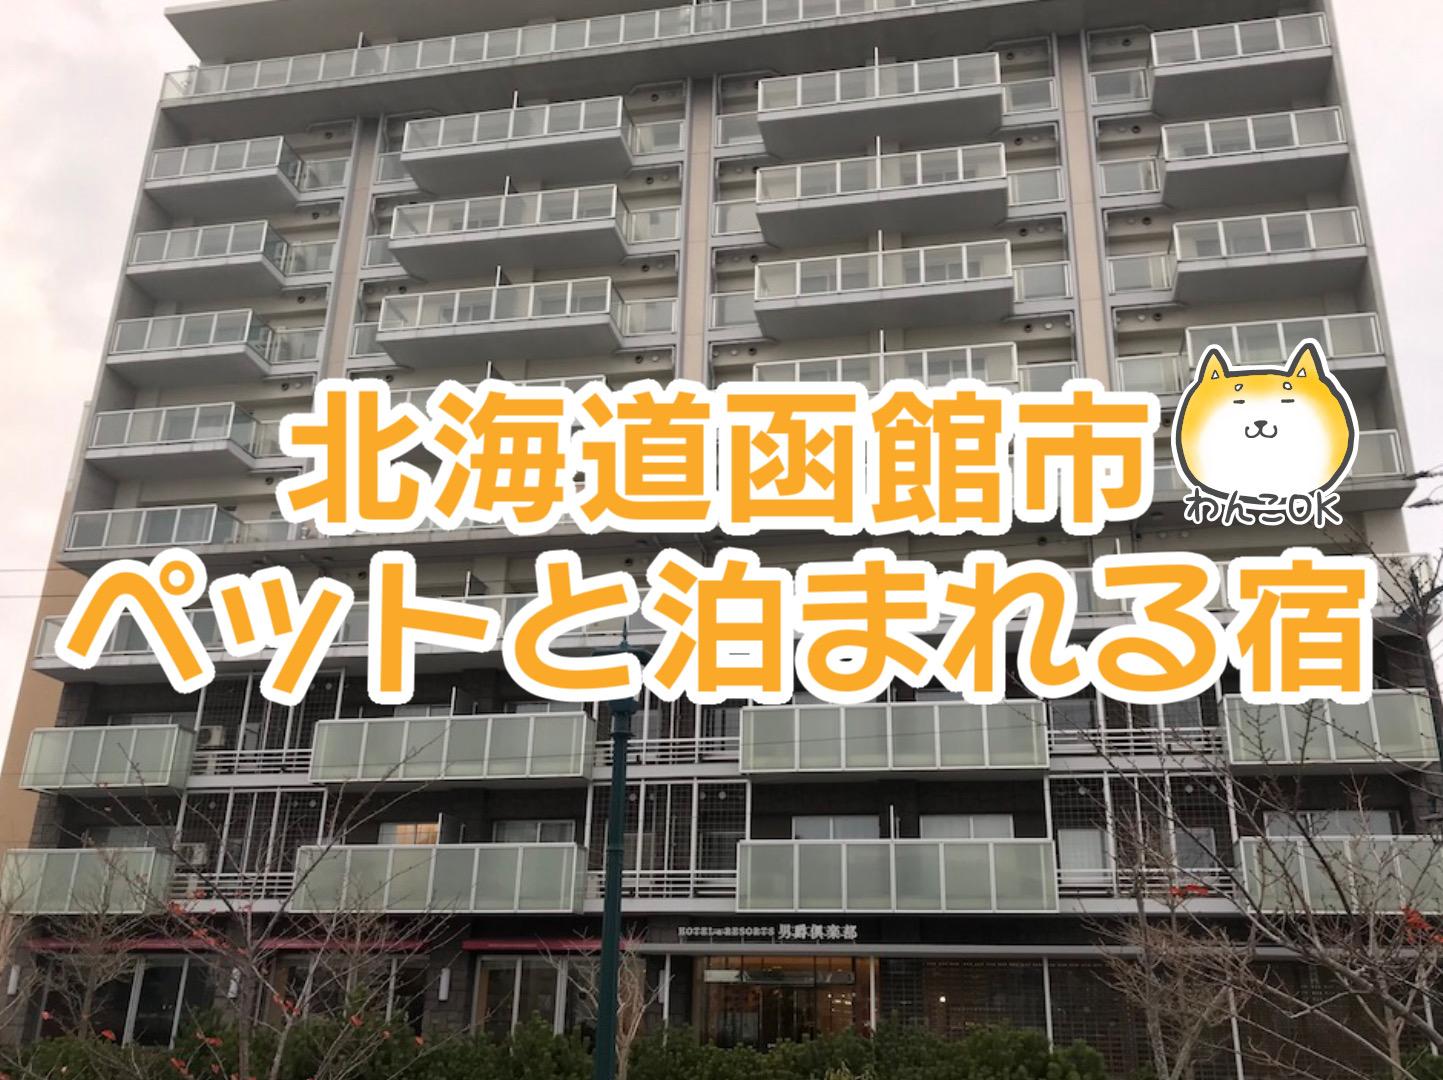 柴犬まると函館市のHAKODATE男爵倶楽部HOTEL&RESORTSに泊まってきた!